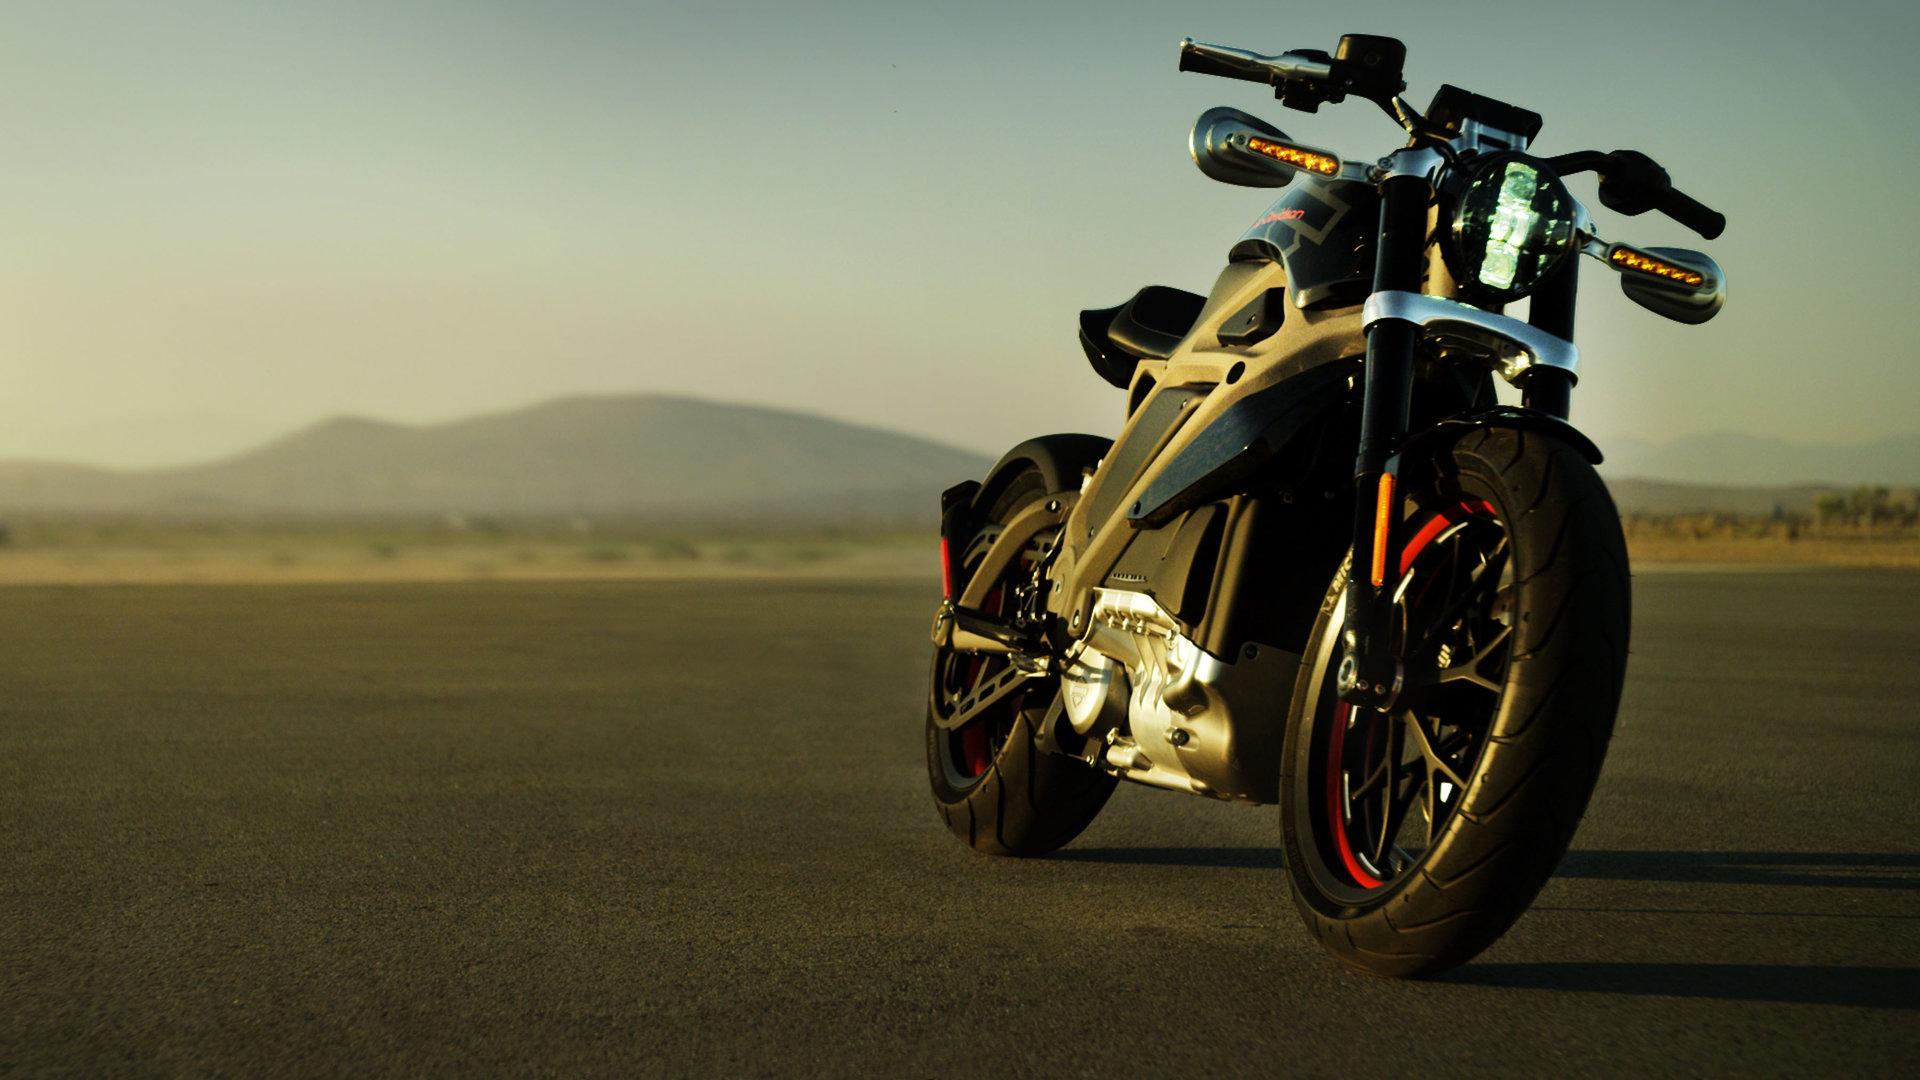 Moto del día: Harley-Davidson Project LiveWire (2014)